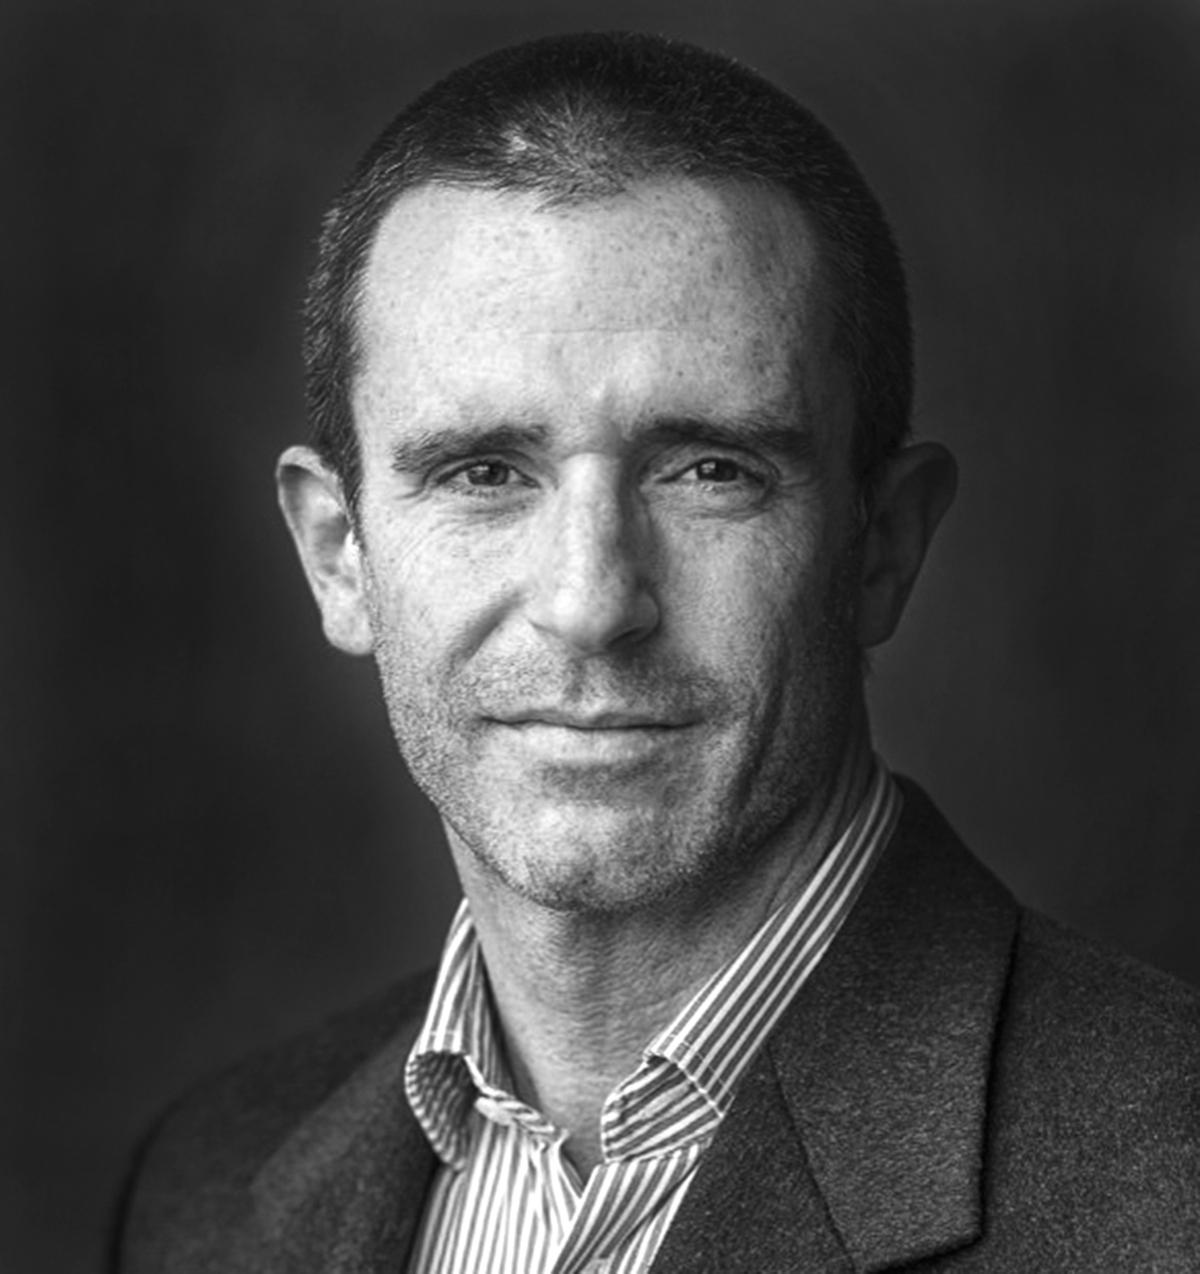 Robert Delaney